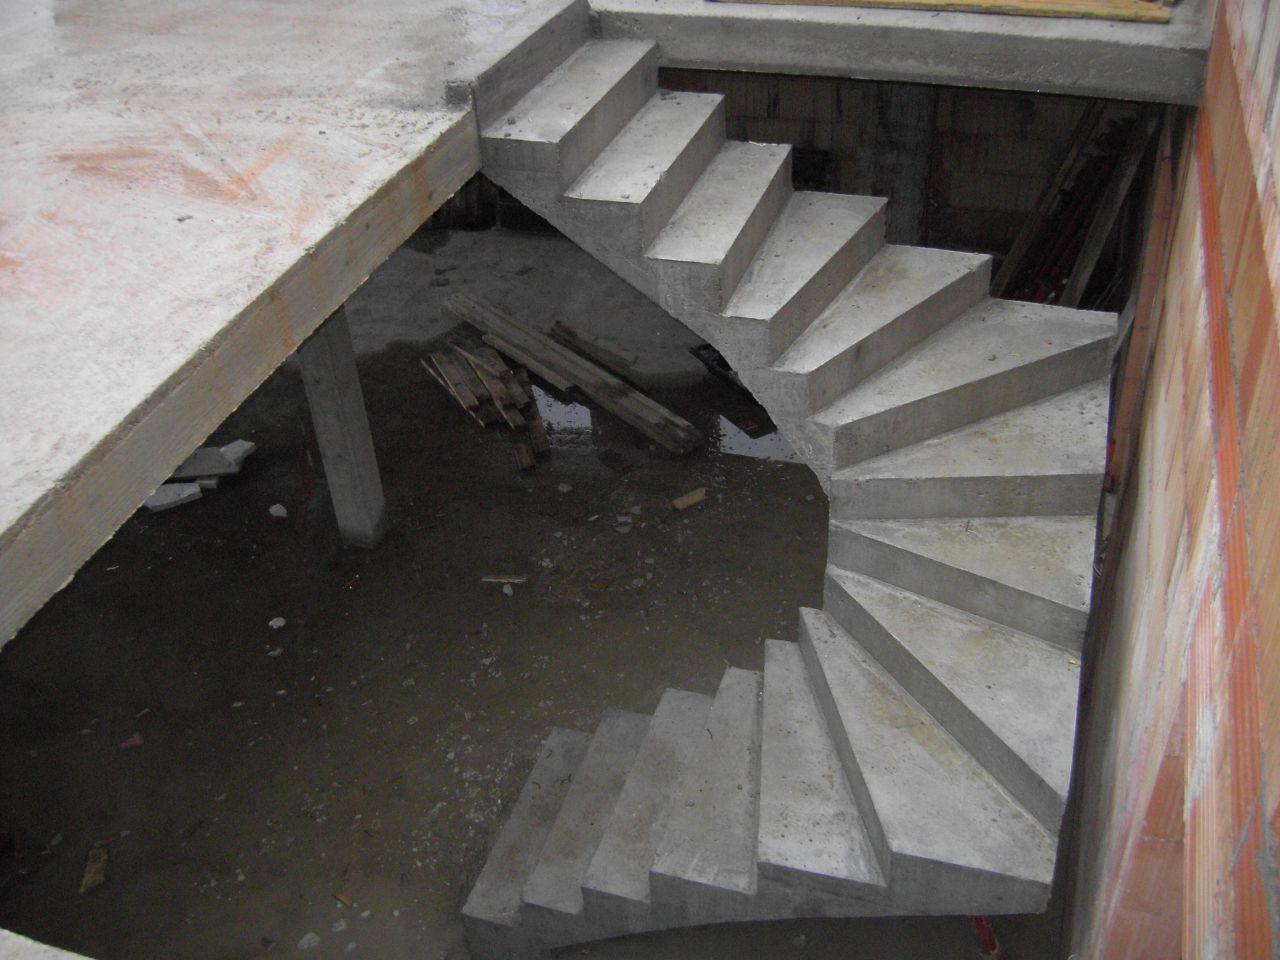 Escalier en apesanteur les terrassiers sont de retour 2 me r union techni - Escalier en apesanteur ...